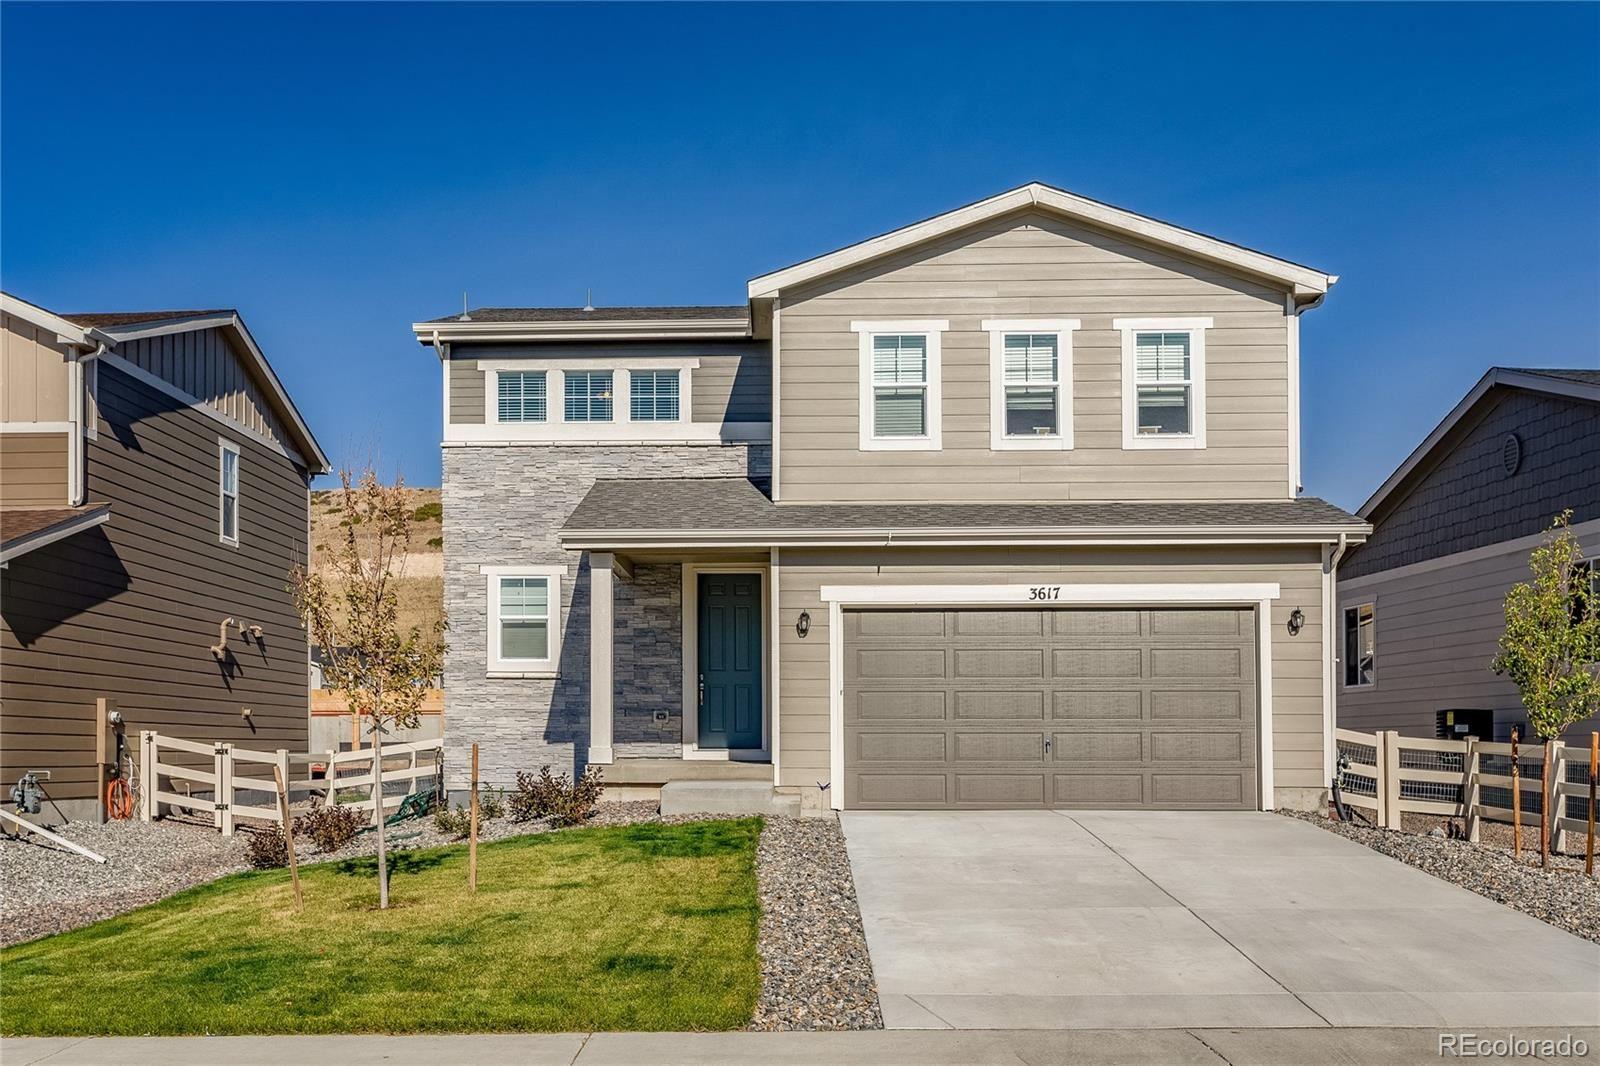 3617 Arlen Way, Castle Rock, CO 80104 - MLS#: 7803568